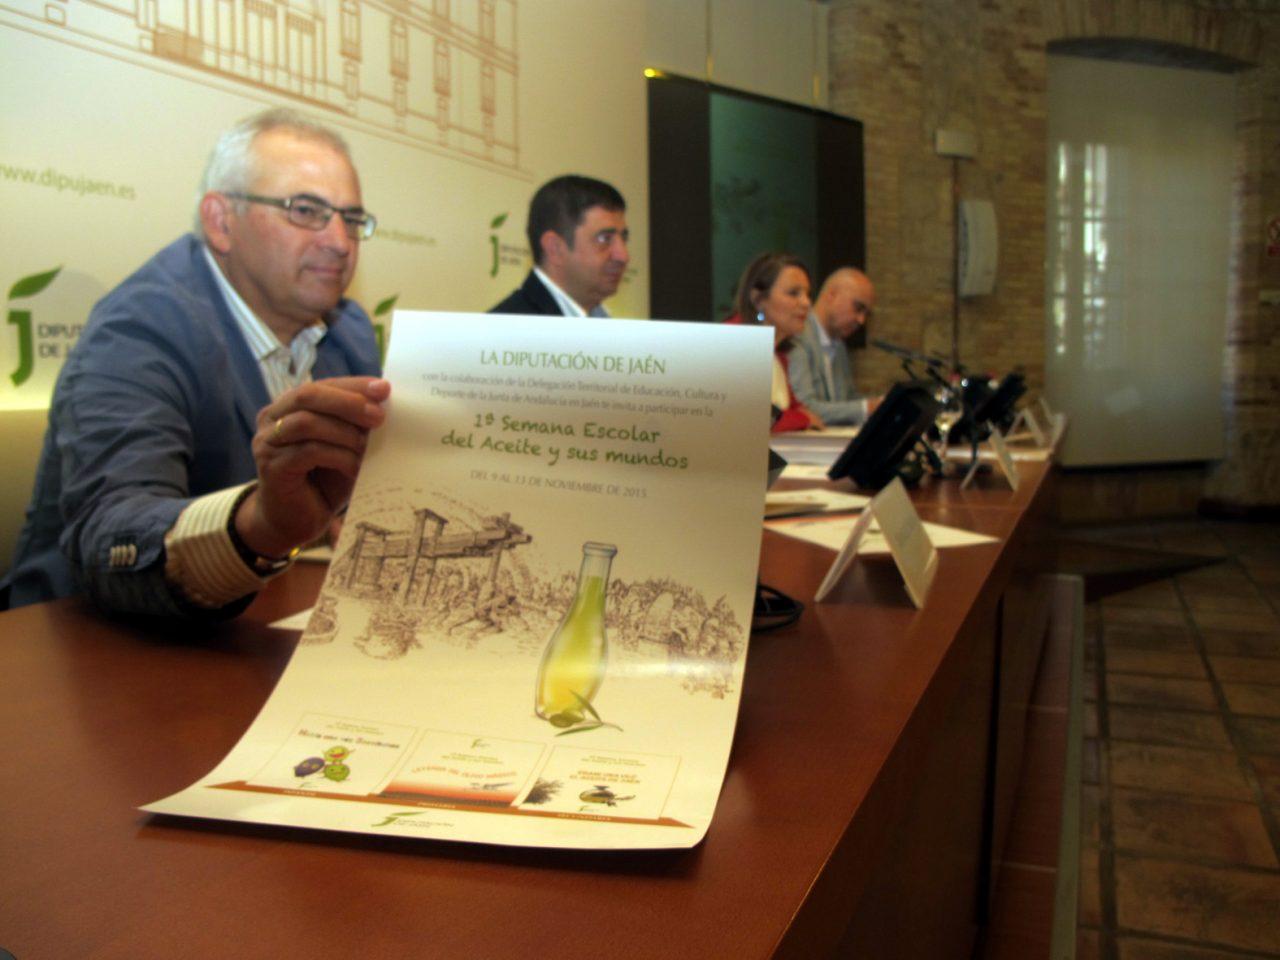 Más de 40.000 escolares de la provincia de Jaén participarán en la Semana Escolar del Aceite y sus Mundos